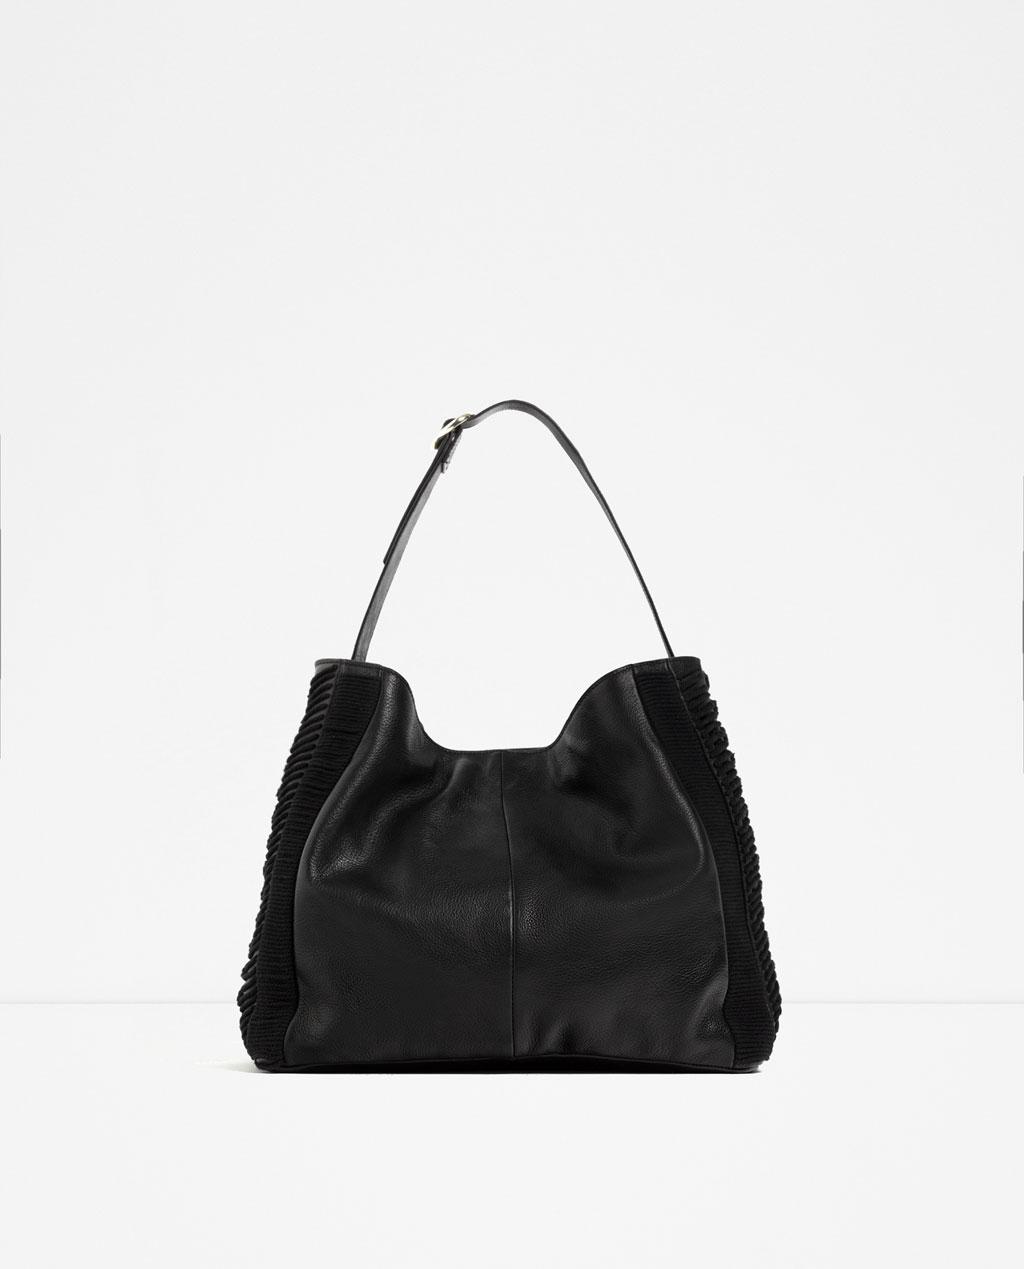 Borse Primavera Estate 2016 : Zara borse primavera estate borsa nera moda con